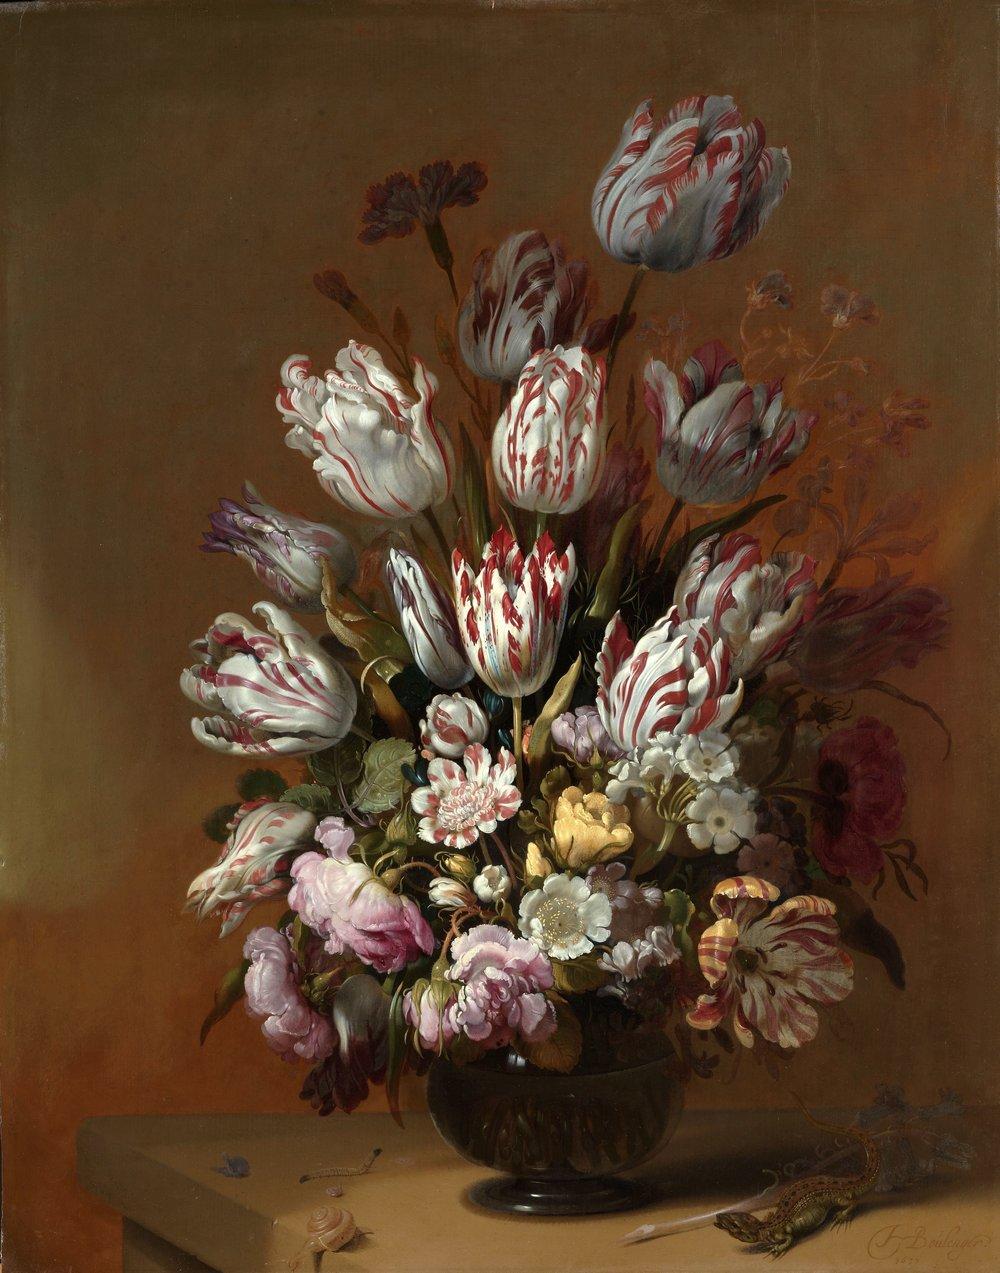 Rijksmuseum, Floral Still Life, Hans Bollongier, 1639